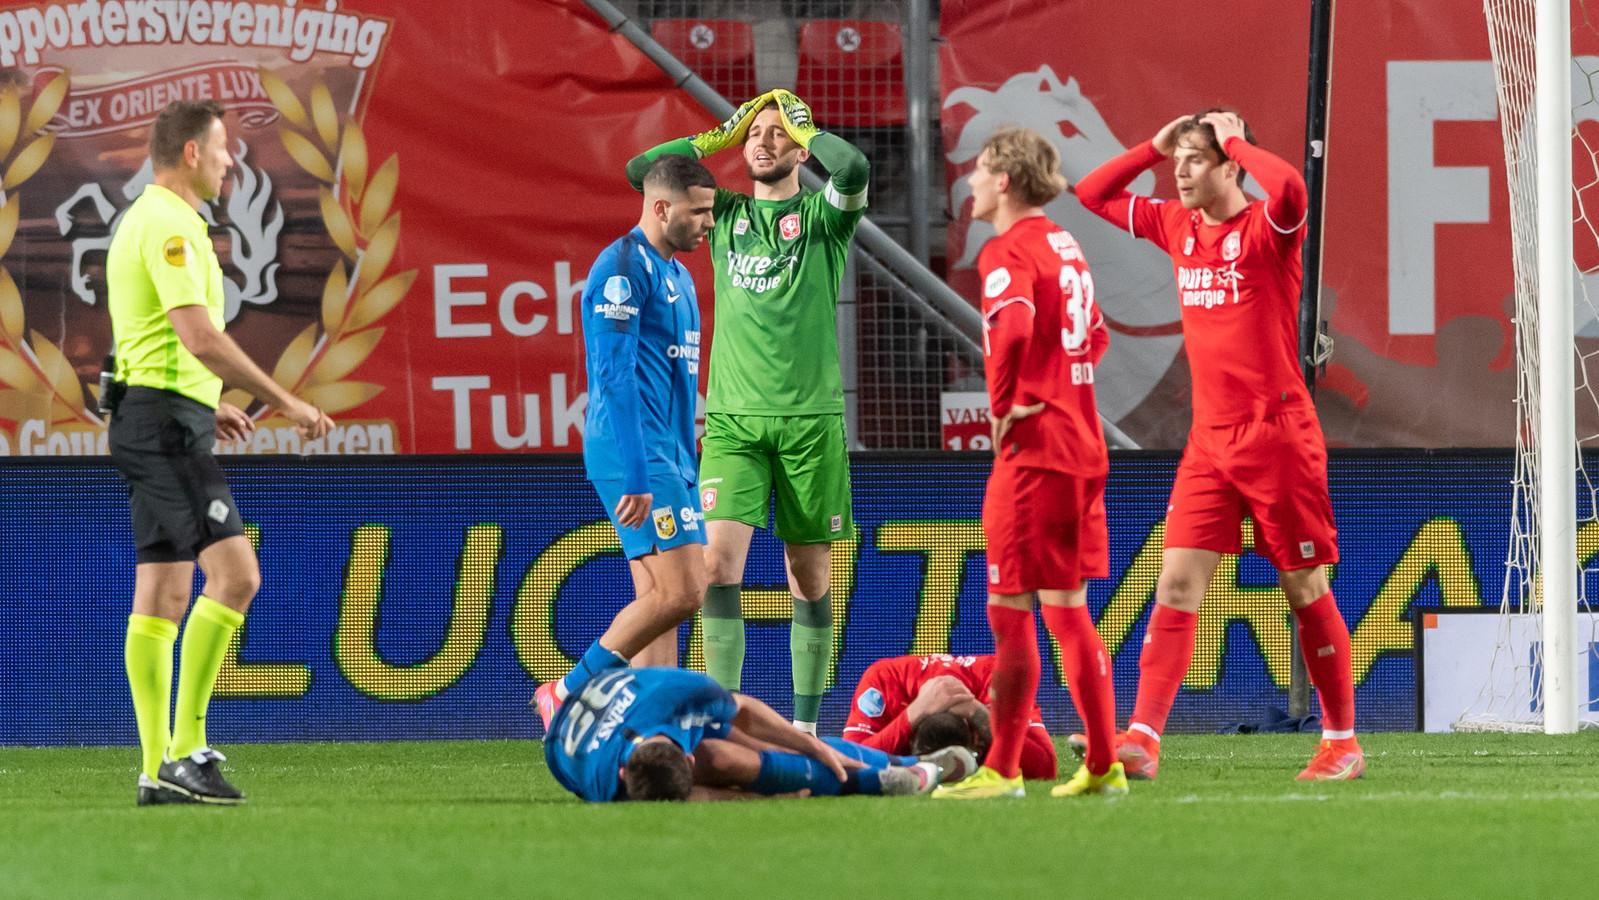 Onbegrip bij spelers van FC Twente na de penalty in de slotminuut tegen Vitesse